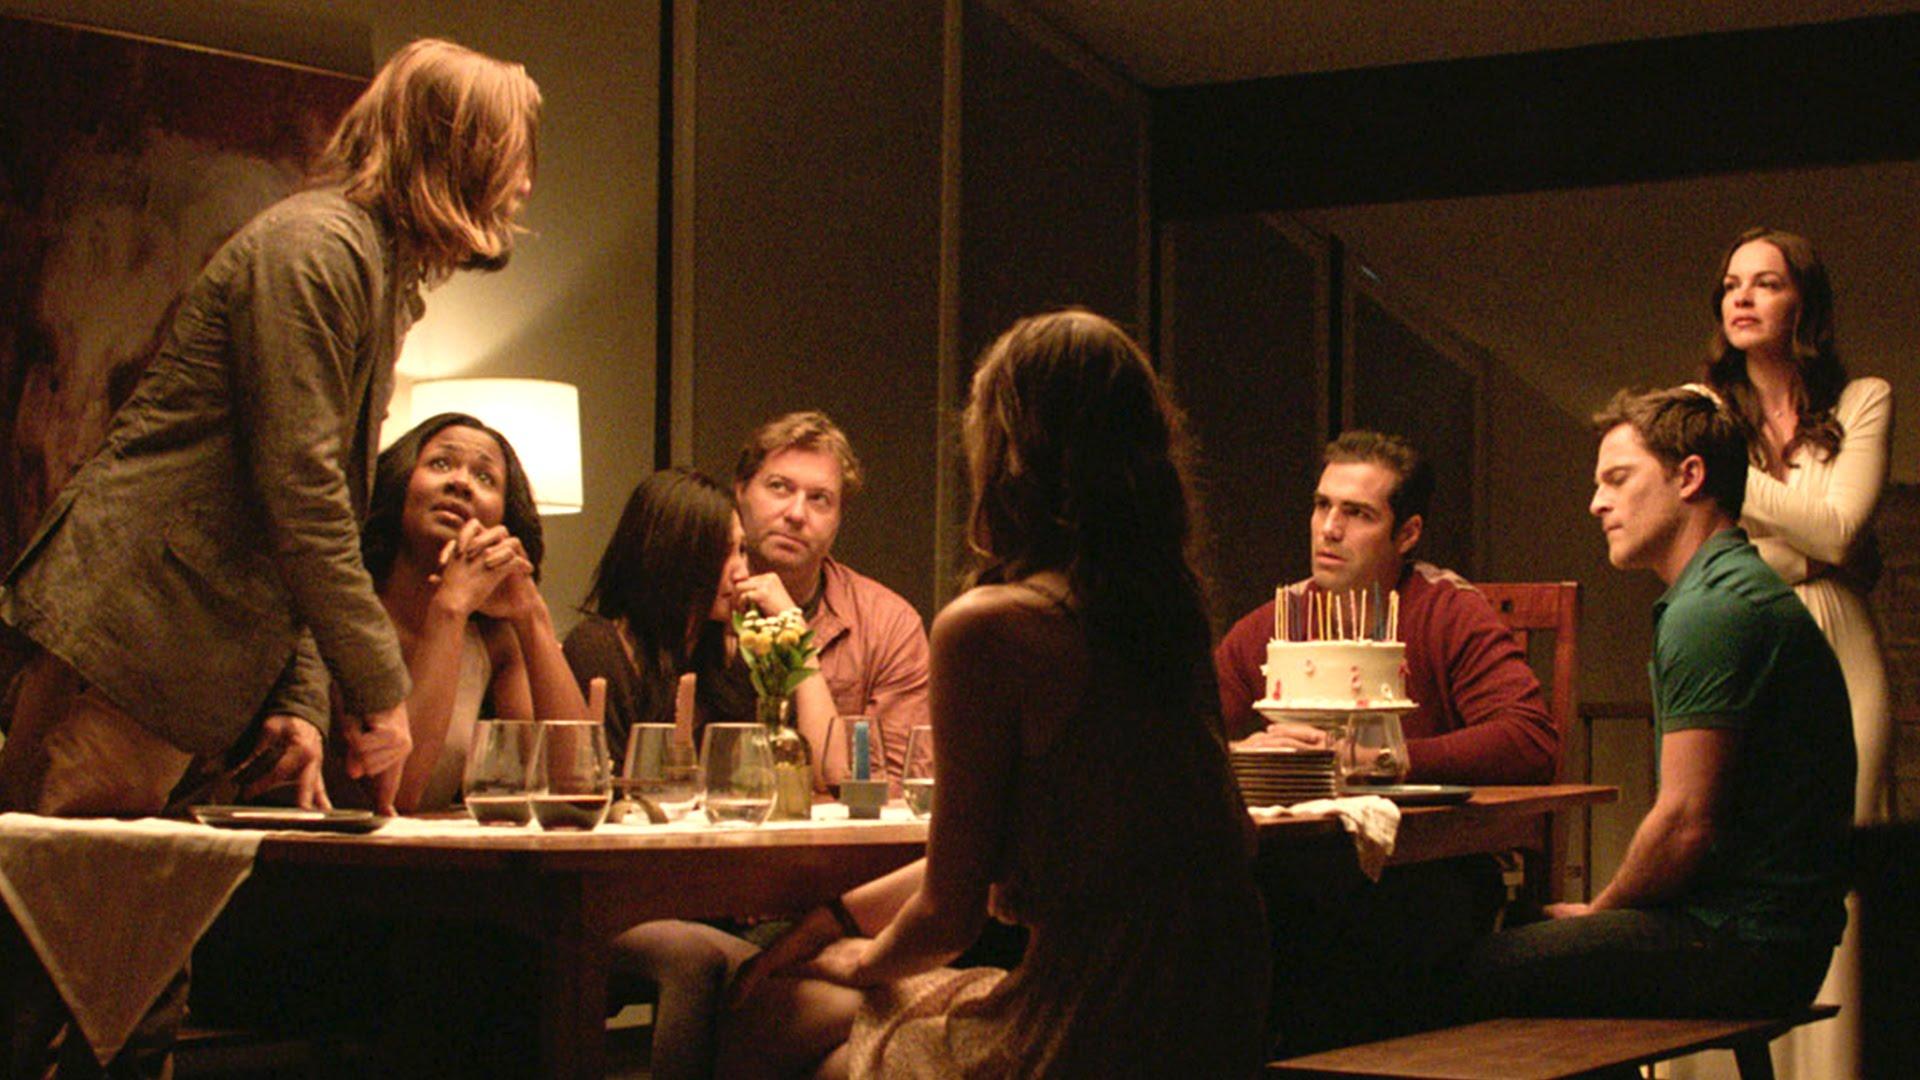 Una scena di The Invitation